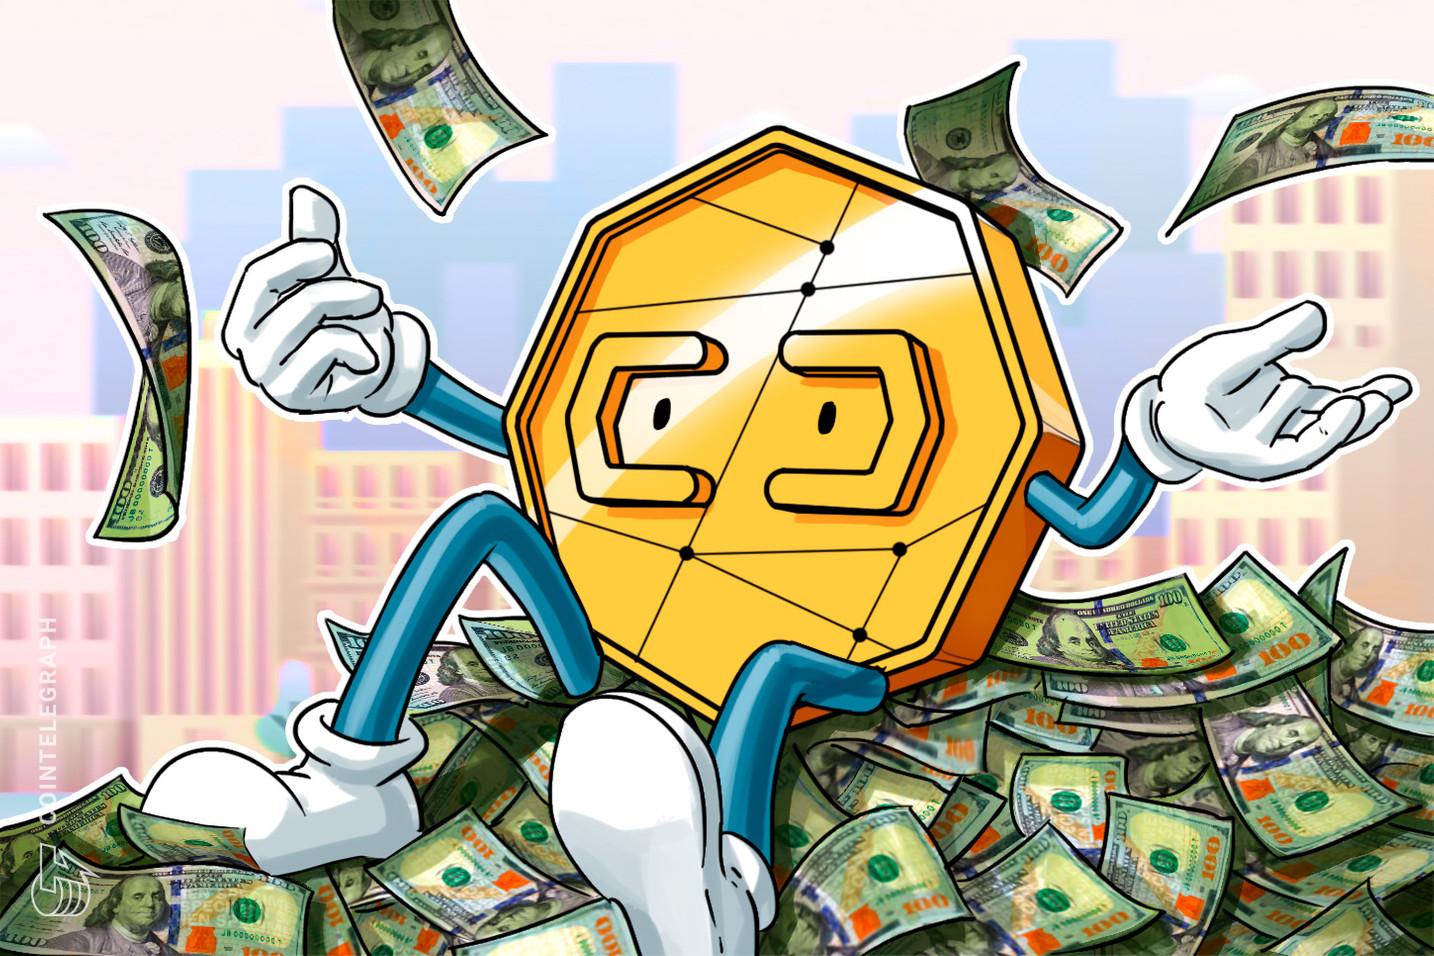 FTX разбива рекорда за крипто финансиране с повишение от 900 милиона долара, за да се превърне в обмен на декорен